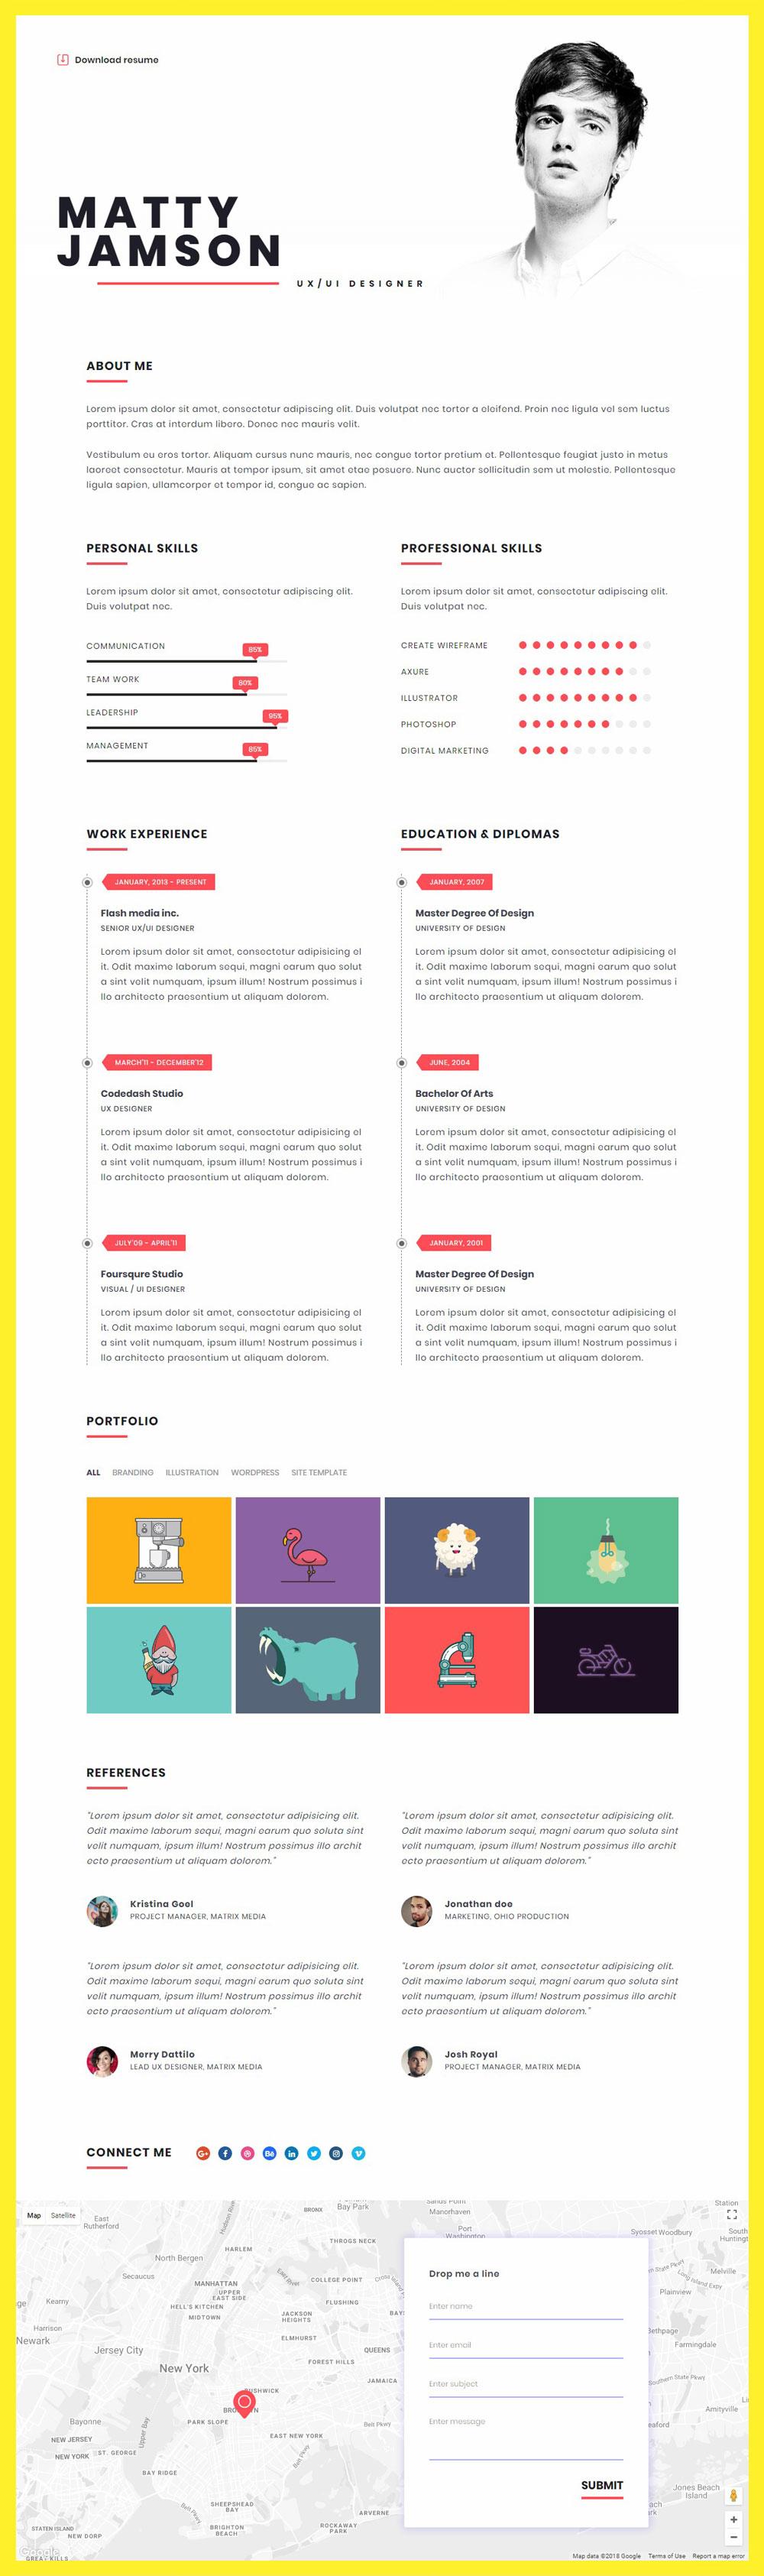 FLATR – Vcard, CV, Resume & Portfolio